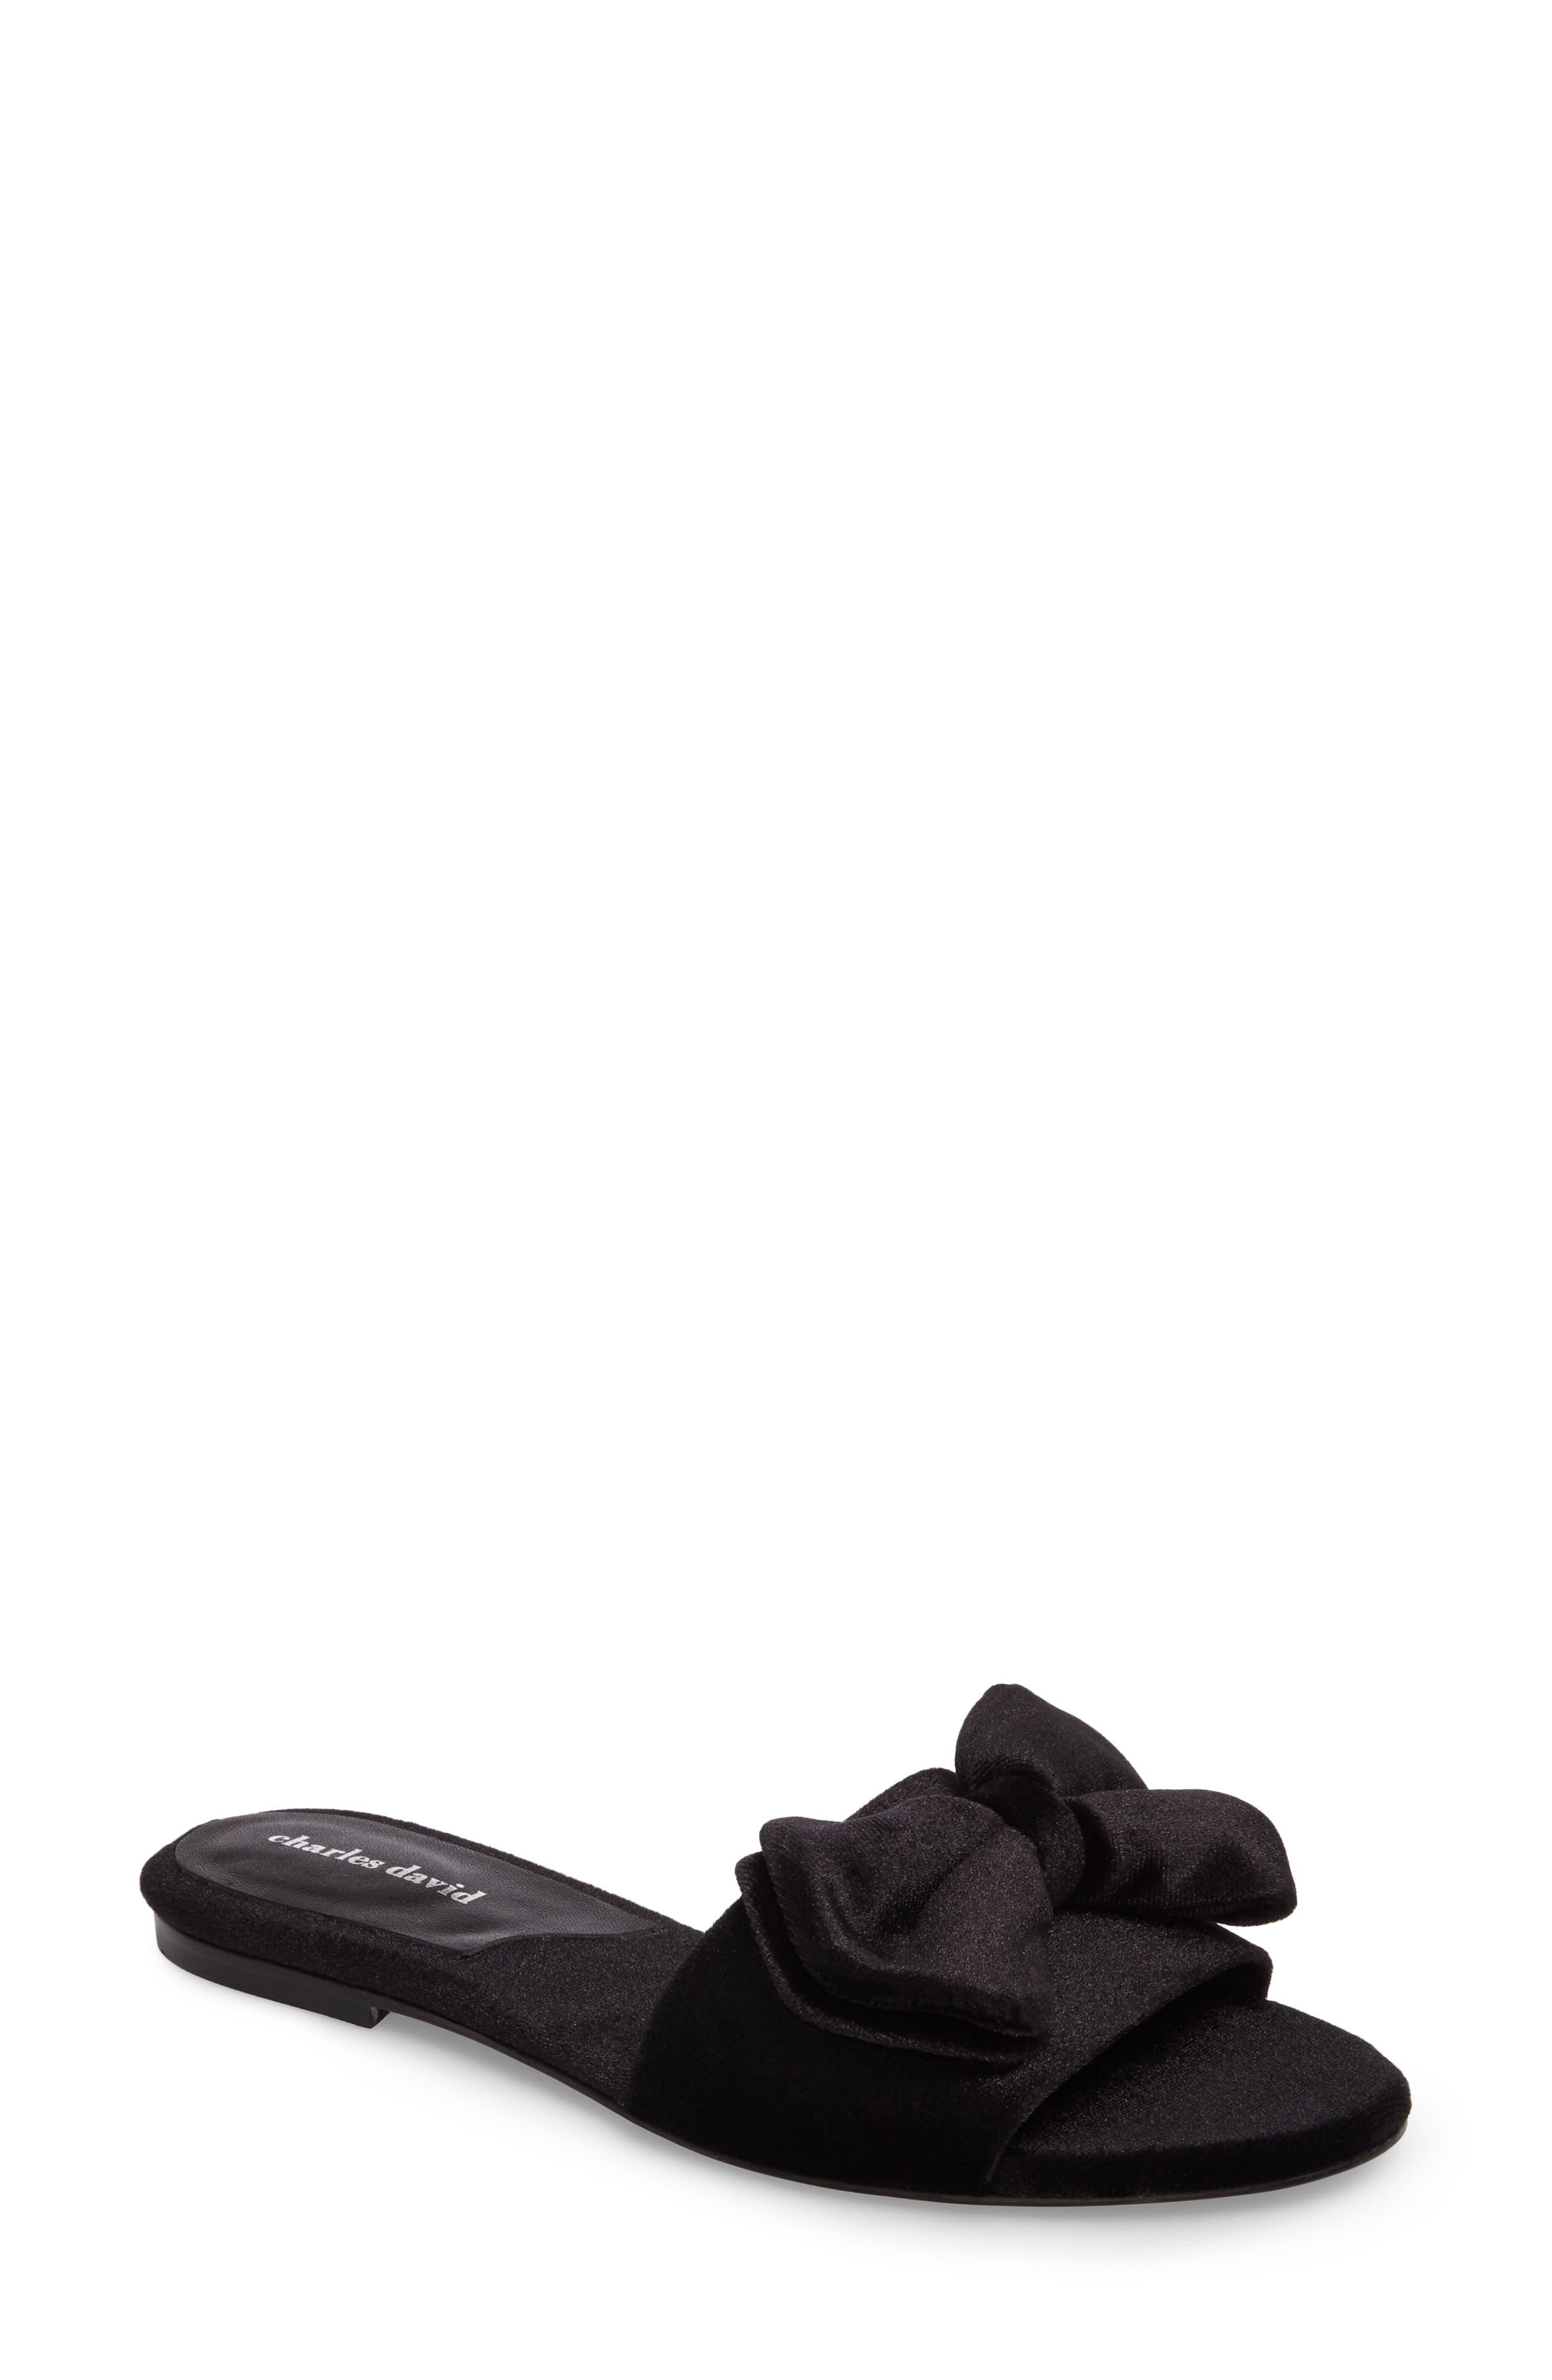 Alternate Image 1 Selected - Charles David Bow Slide Sandal (Women)